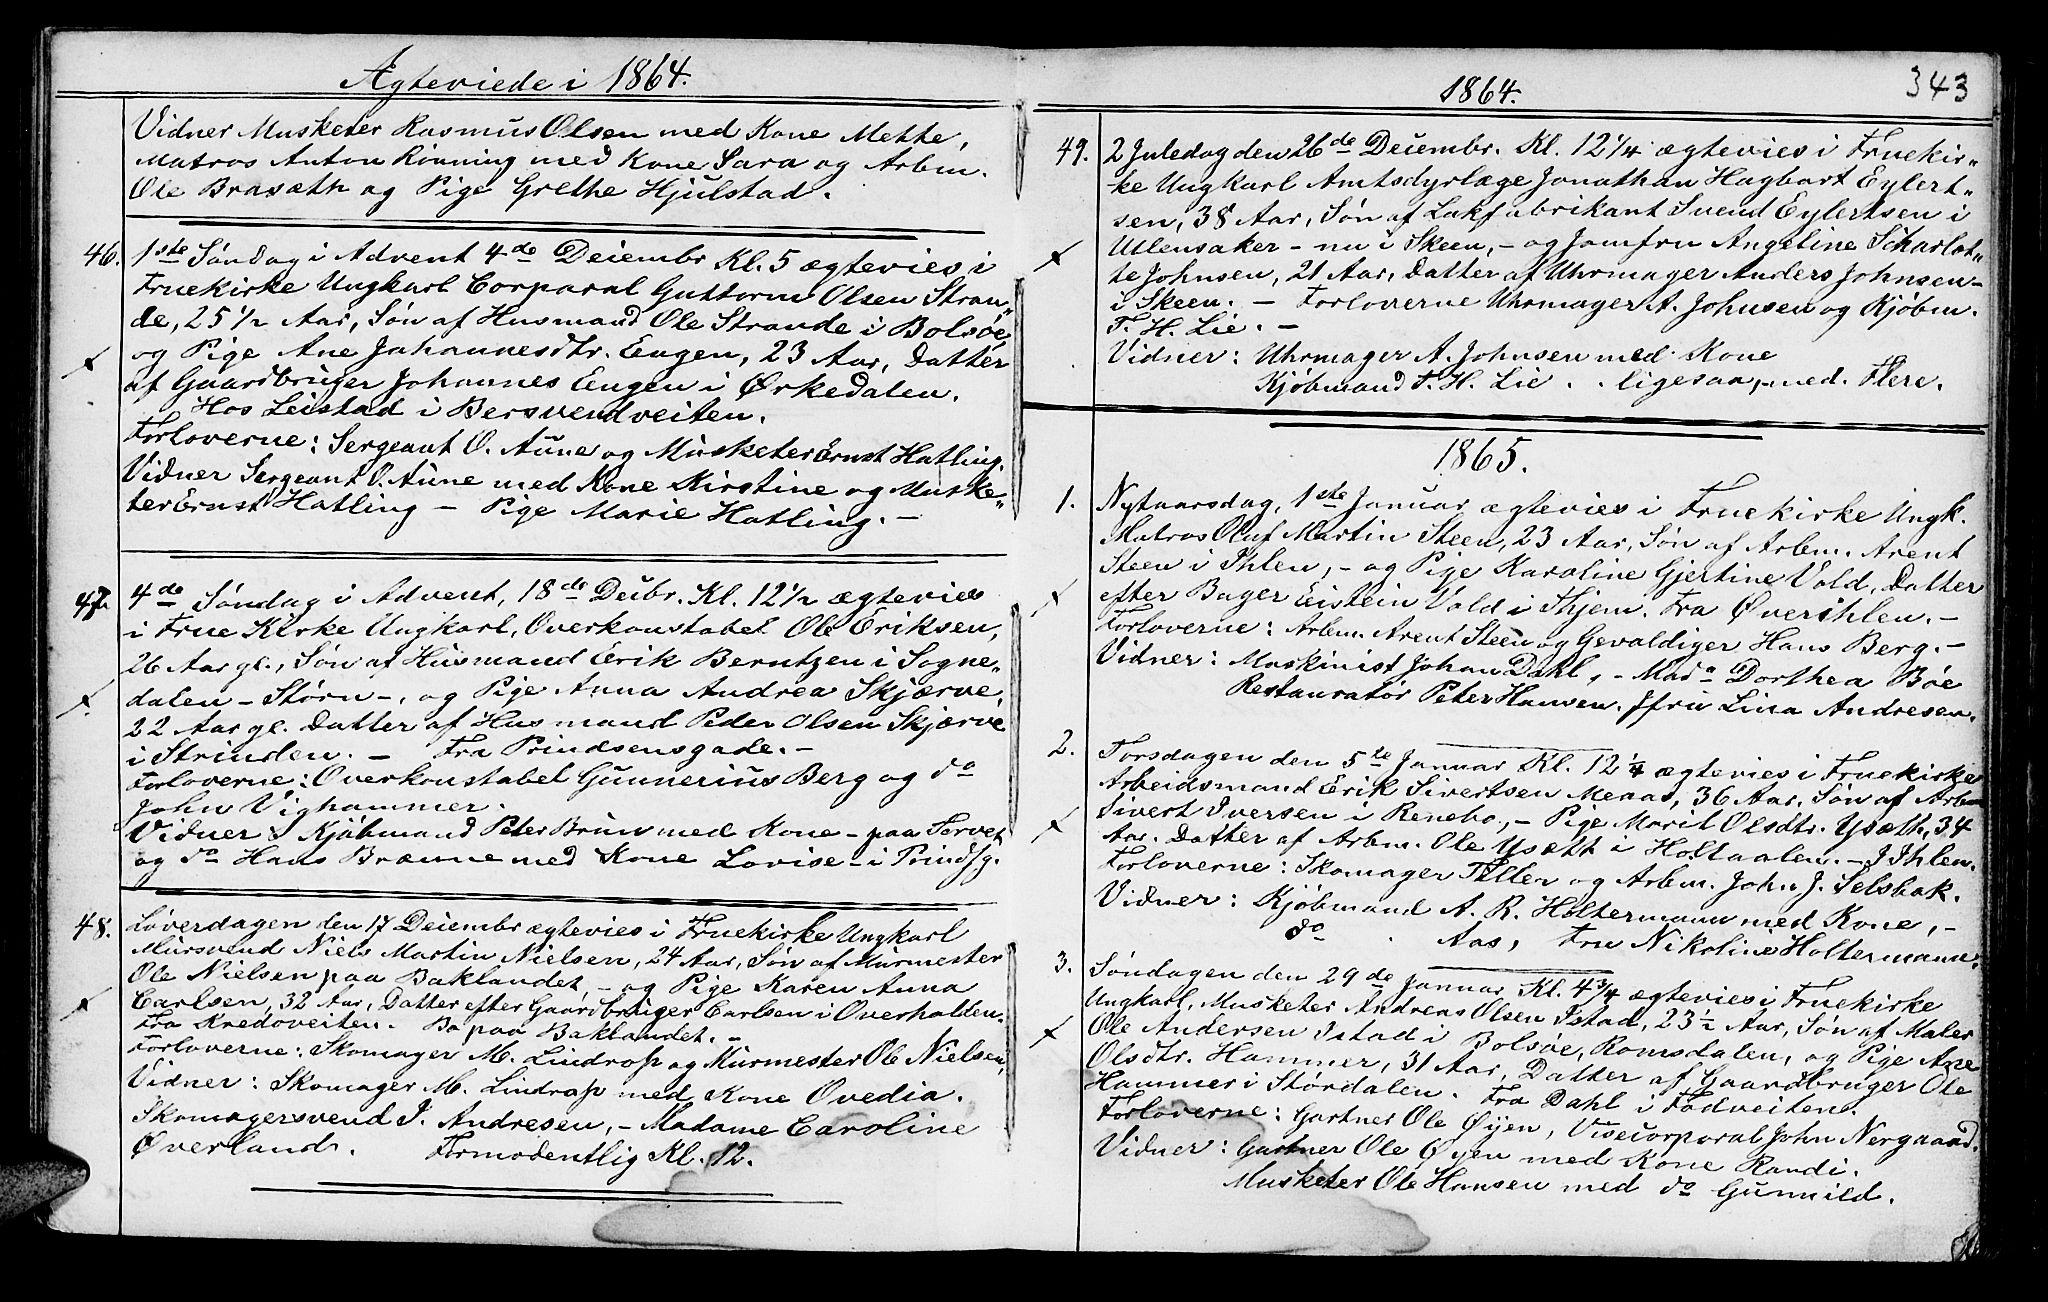 SAT, Ministerialprotokoller, klokkerbøker og fødselsregistre - Sør-Trøndelag, 602/L0140: Klokkerbok nr. 602C08, 1864-1872, s. 342-343